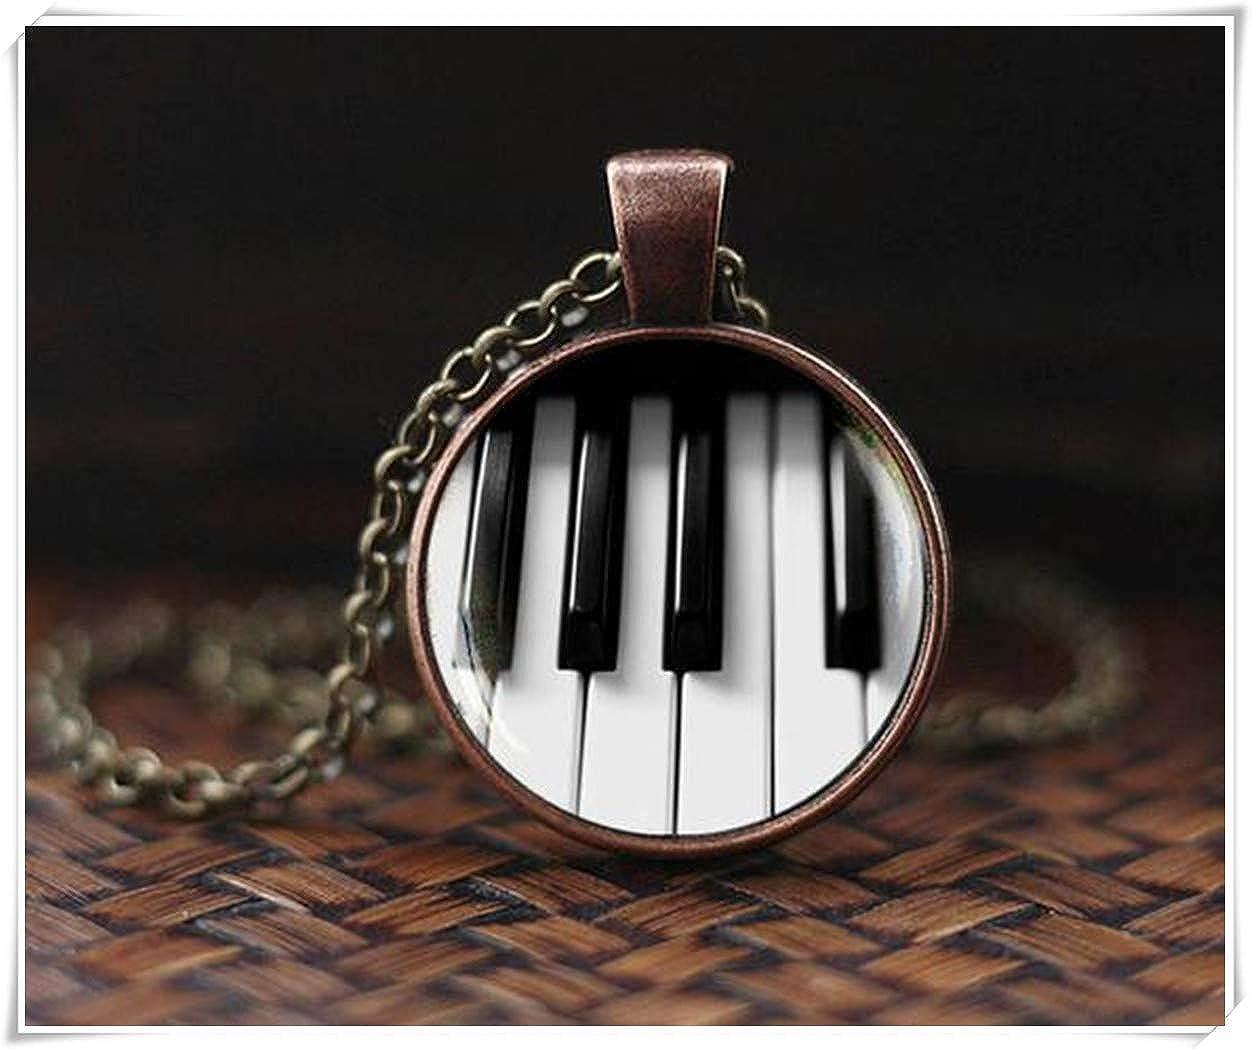 Klavier-Halskette, klassisches Musikgeschenk, Musikgeschenk, Klaviertastatur-Anhänger, Schwarz und Weiß meet you VT57